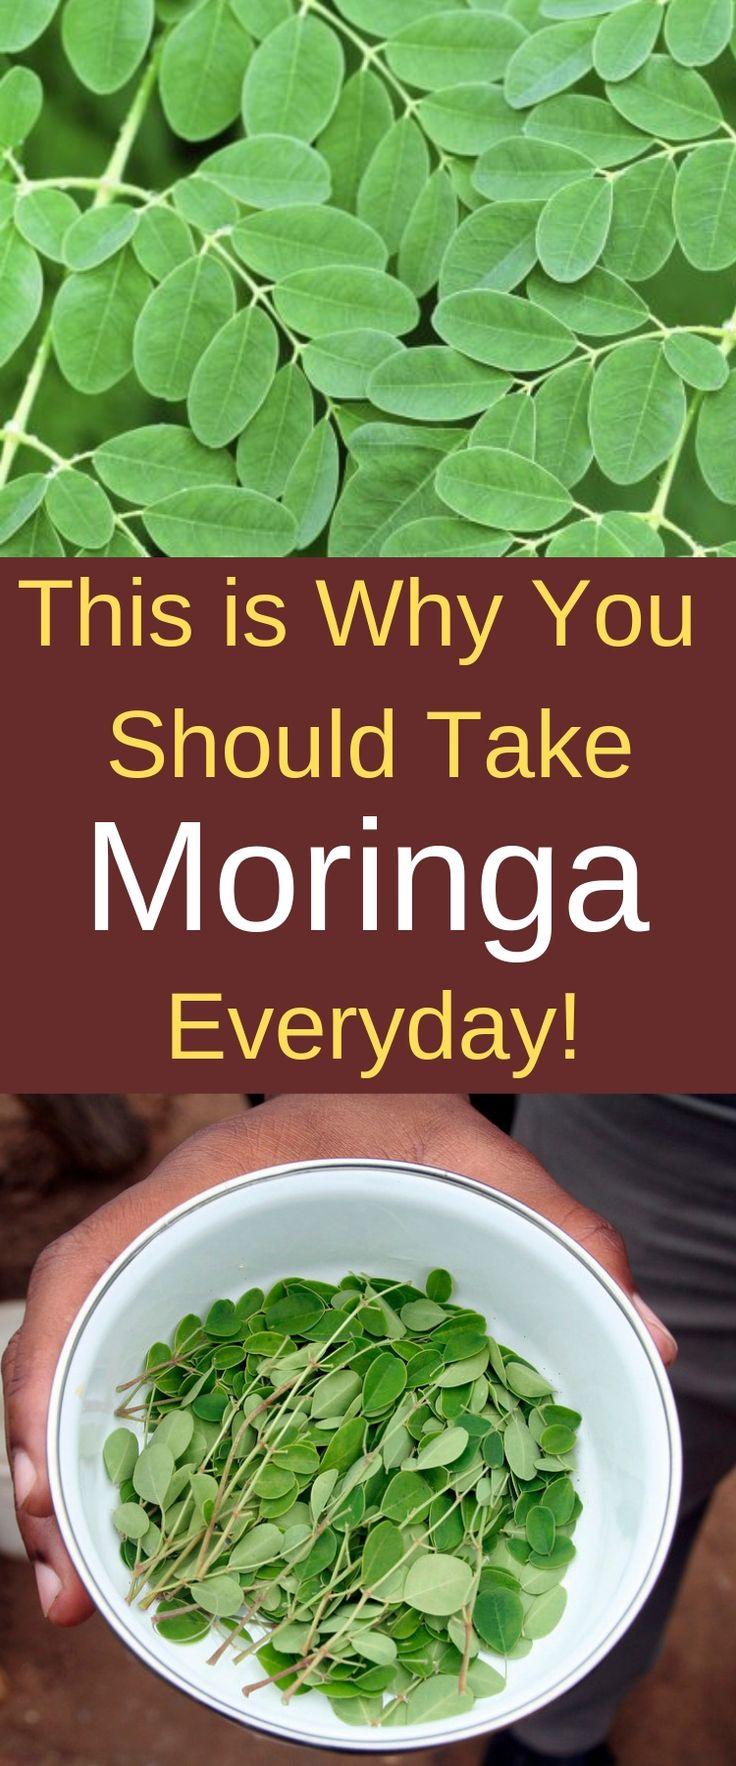 what is moringa good for, moringa seeds, moringa benefits